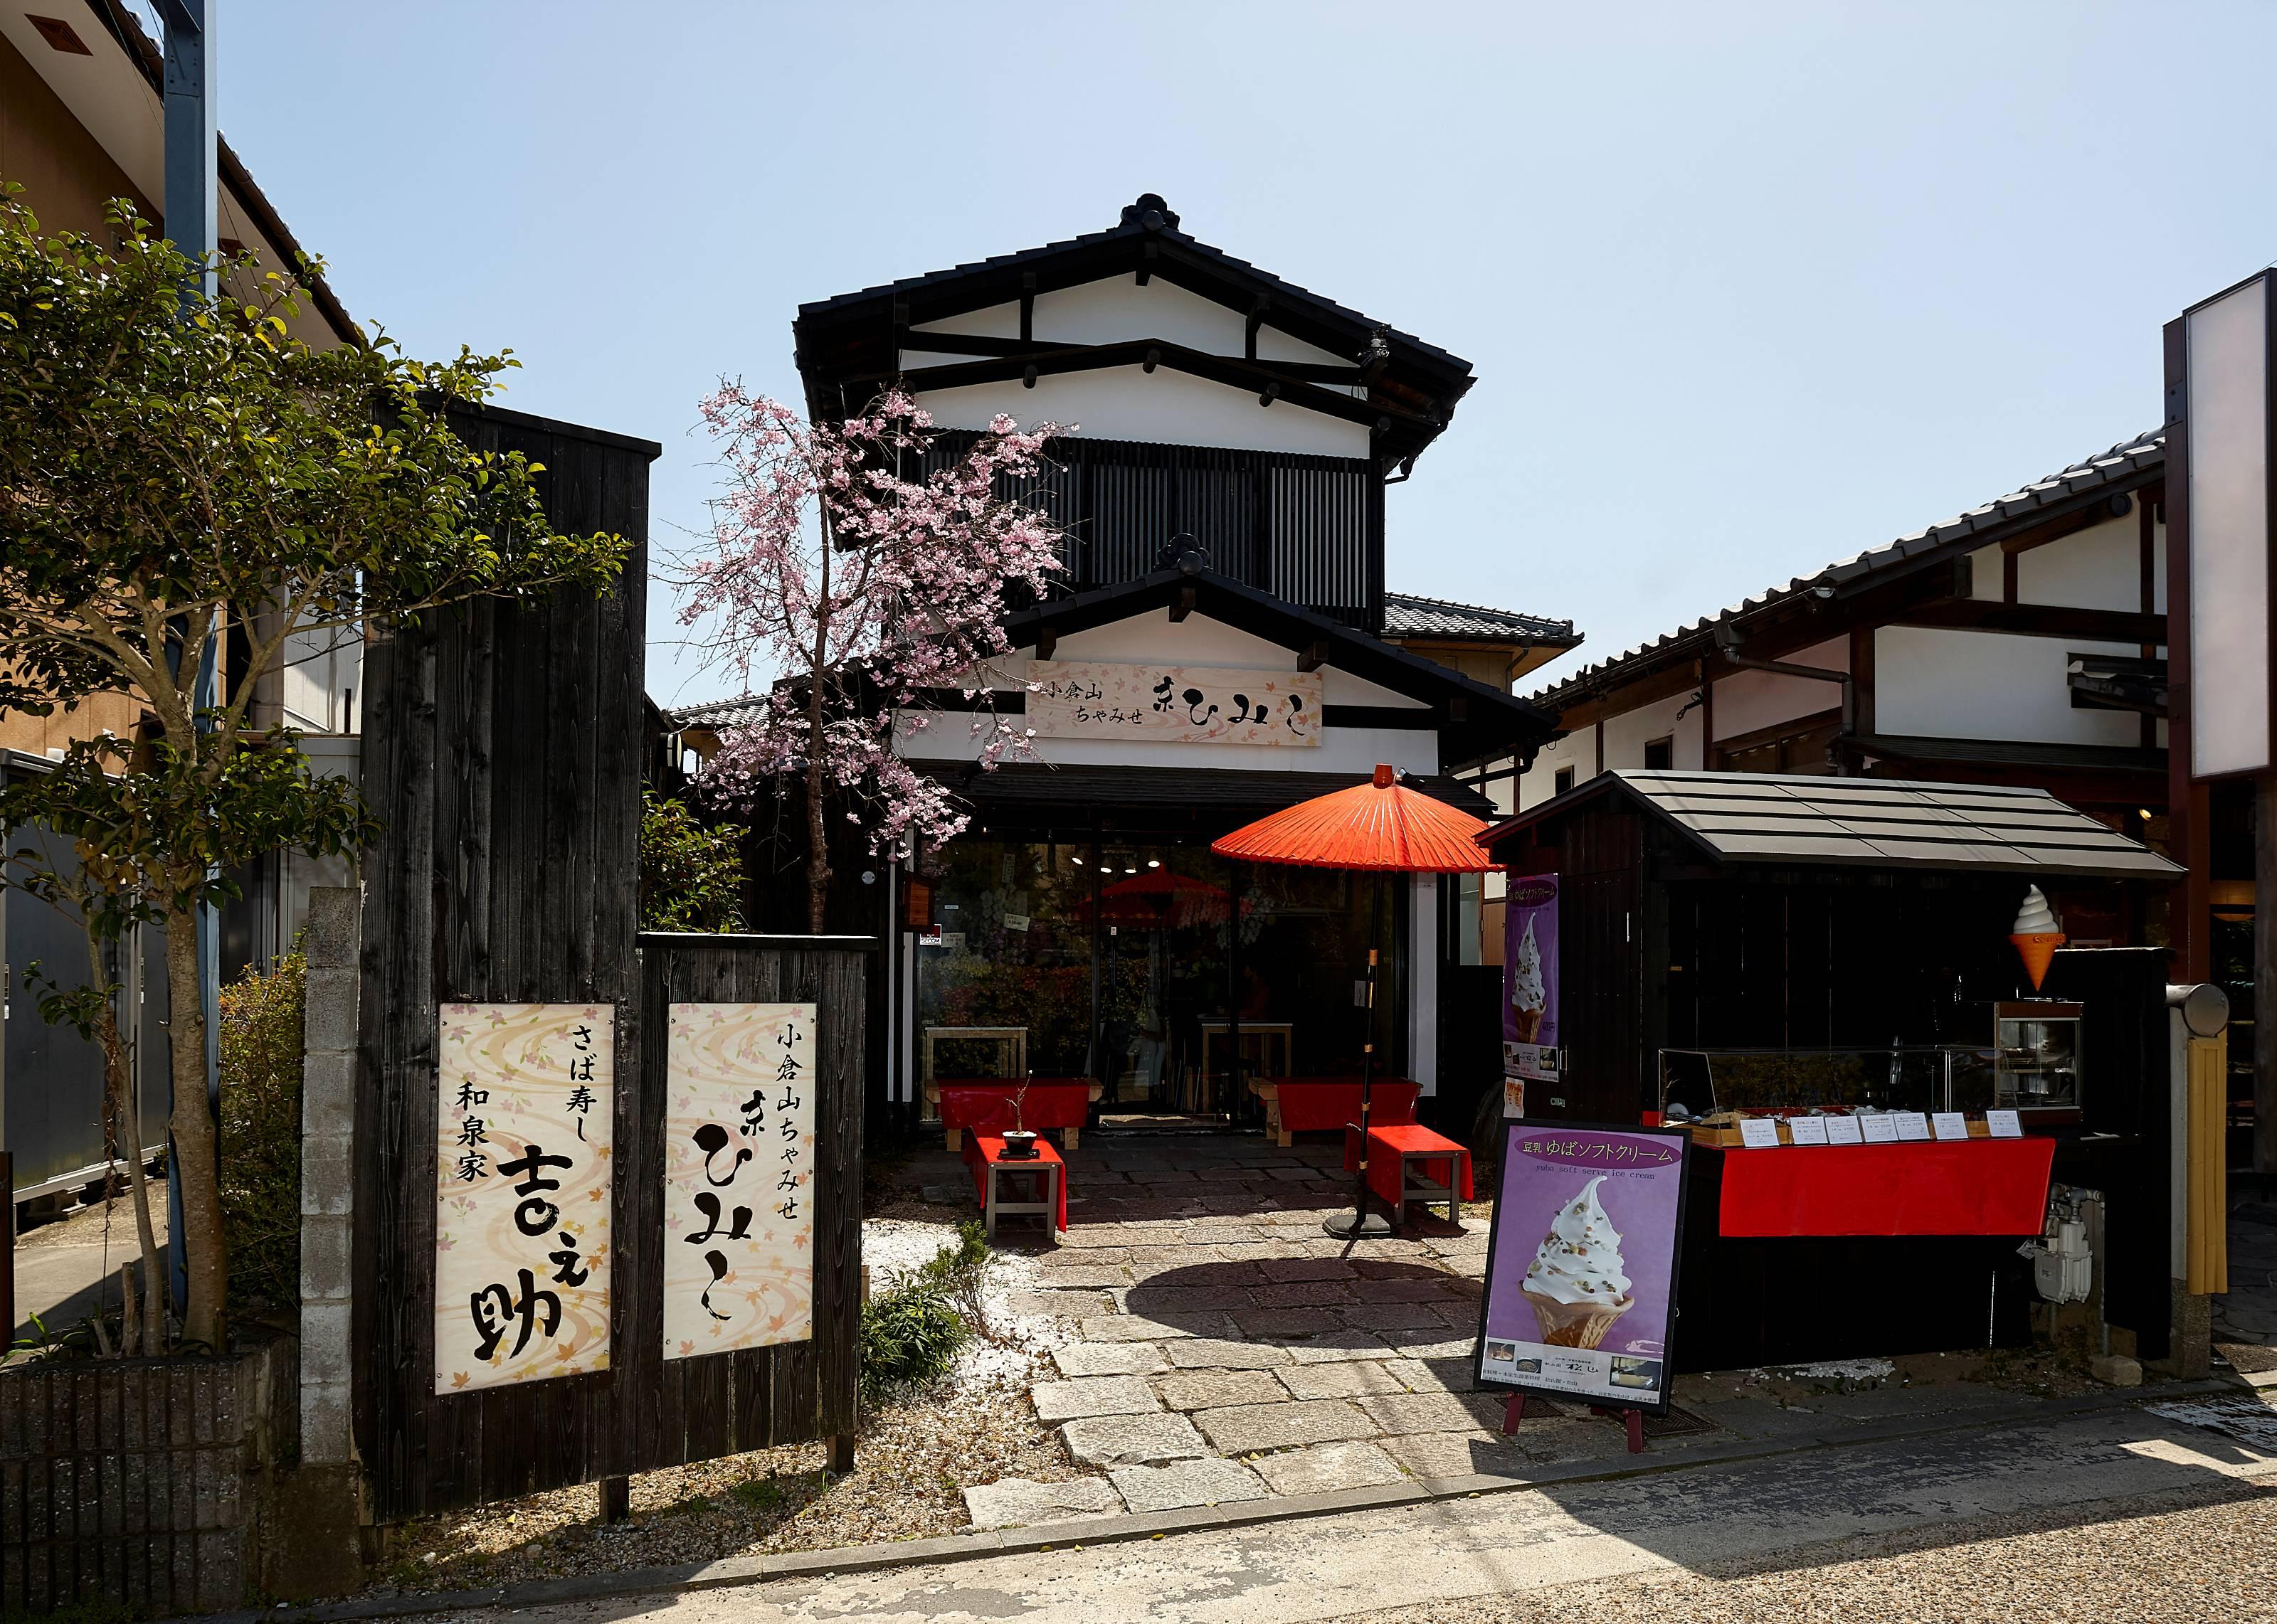 京都嵯峨野 さば寿し和泉家吉之助(株式会社イーモーション)